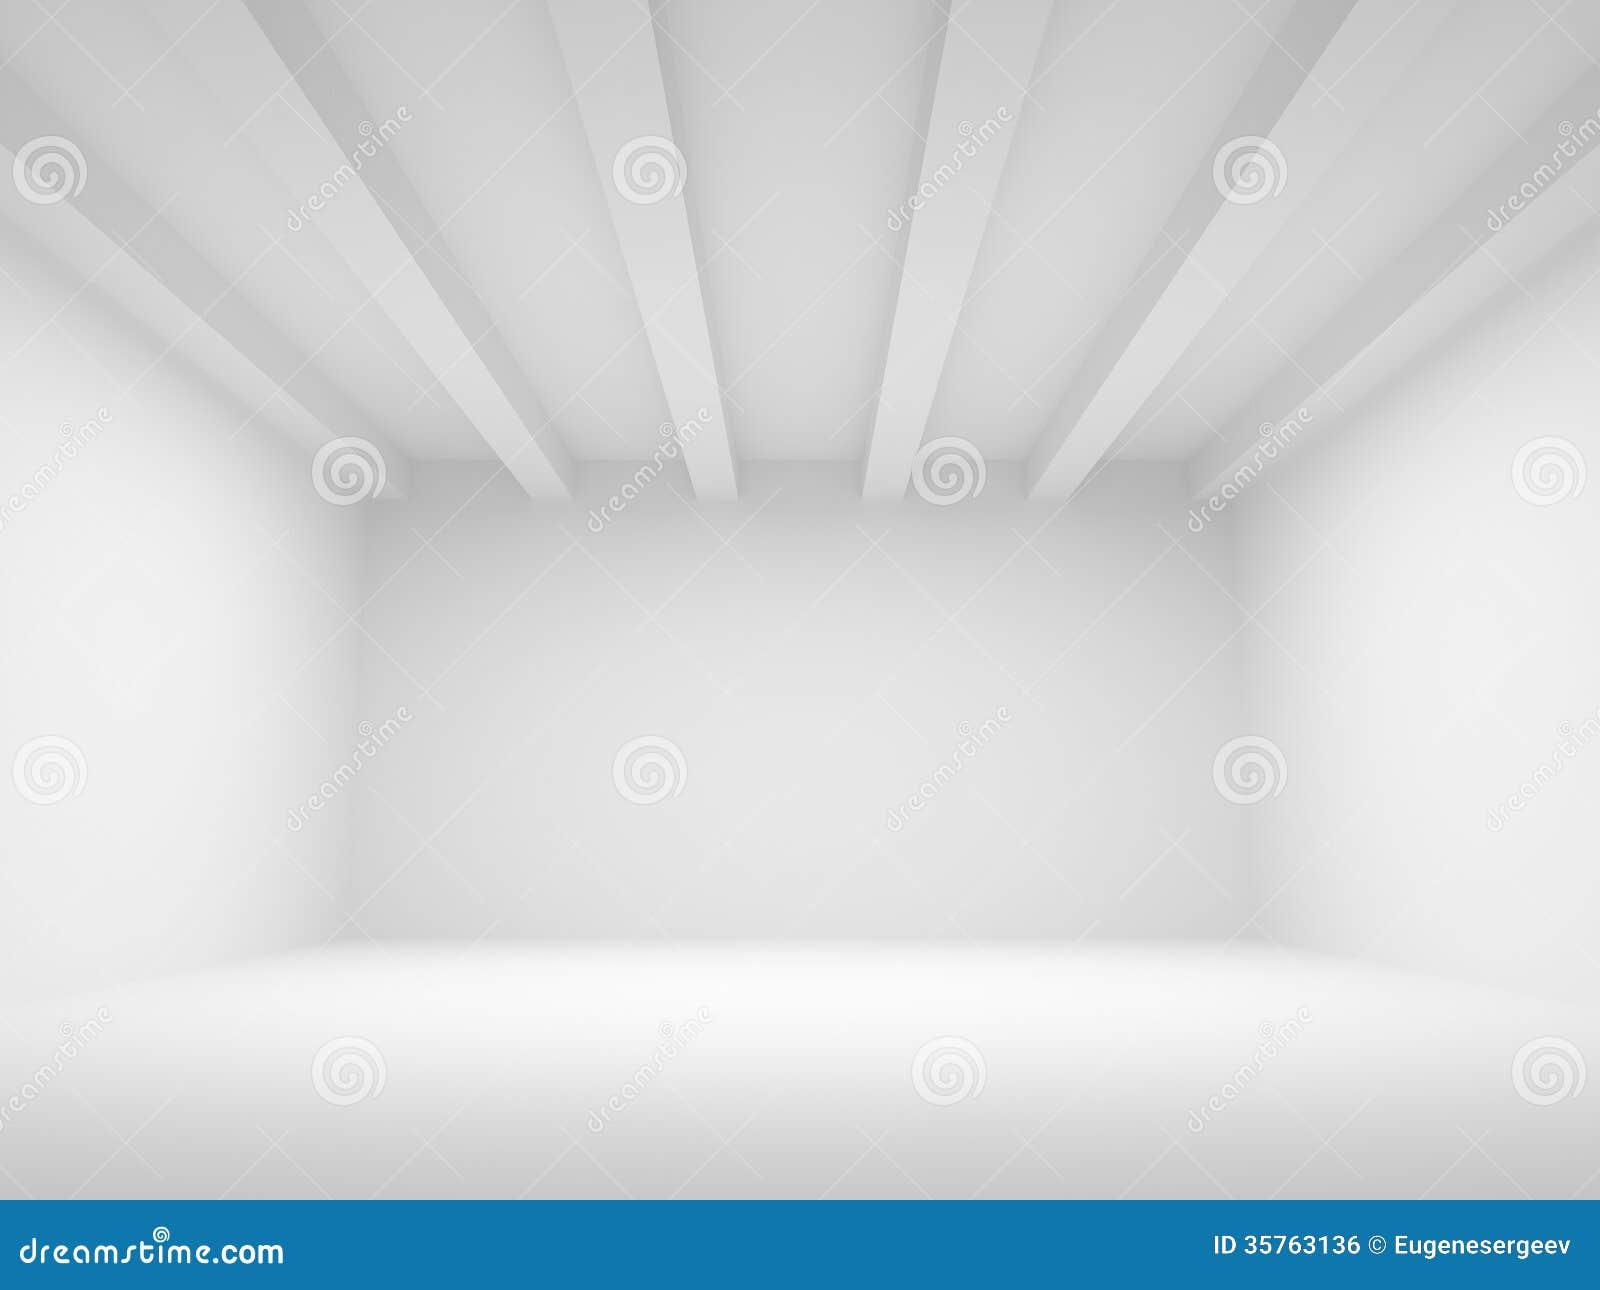 Fondo blanco abstracto de la arquitectura 3d stock de for Suelo 3d blanco